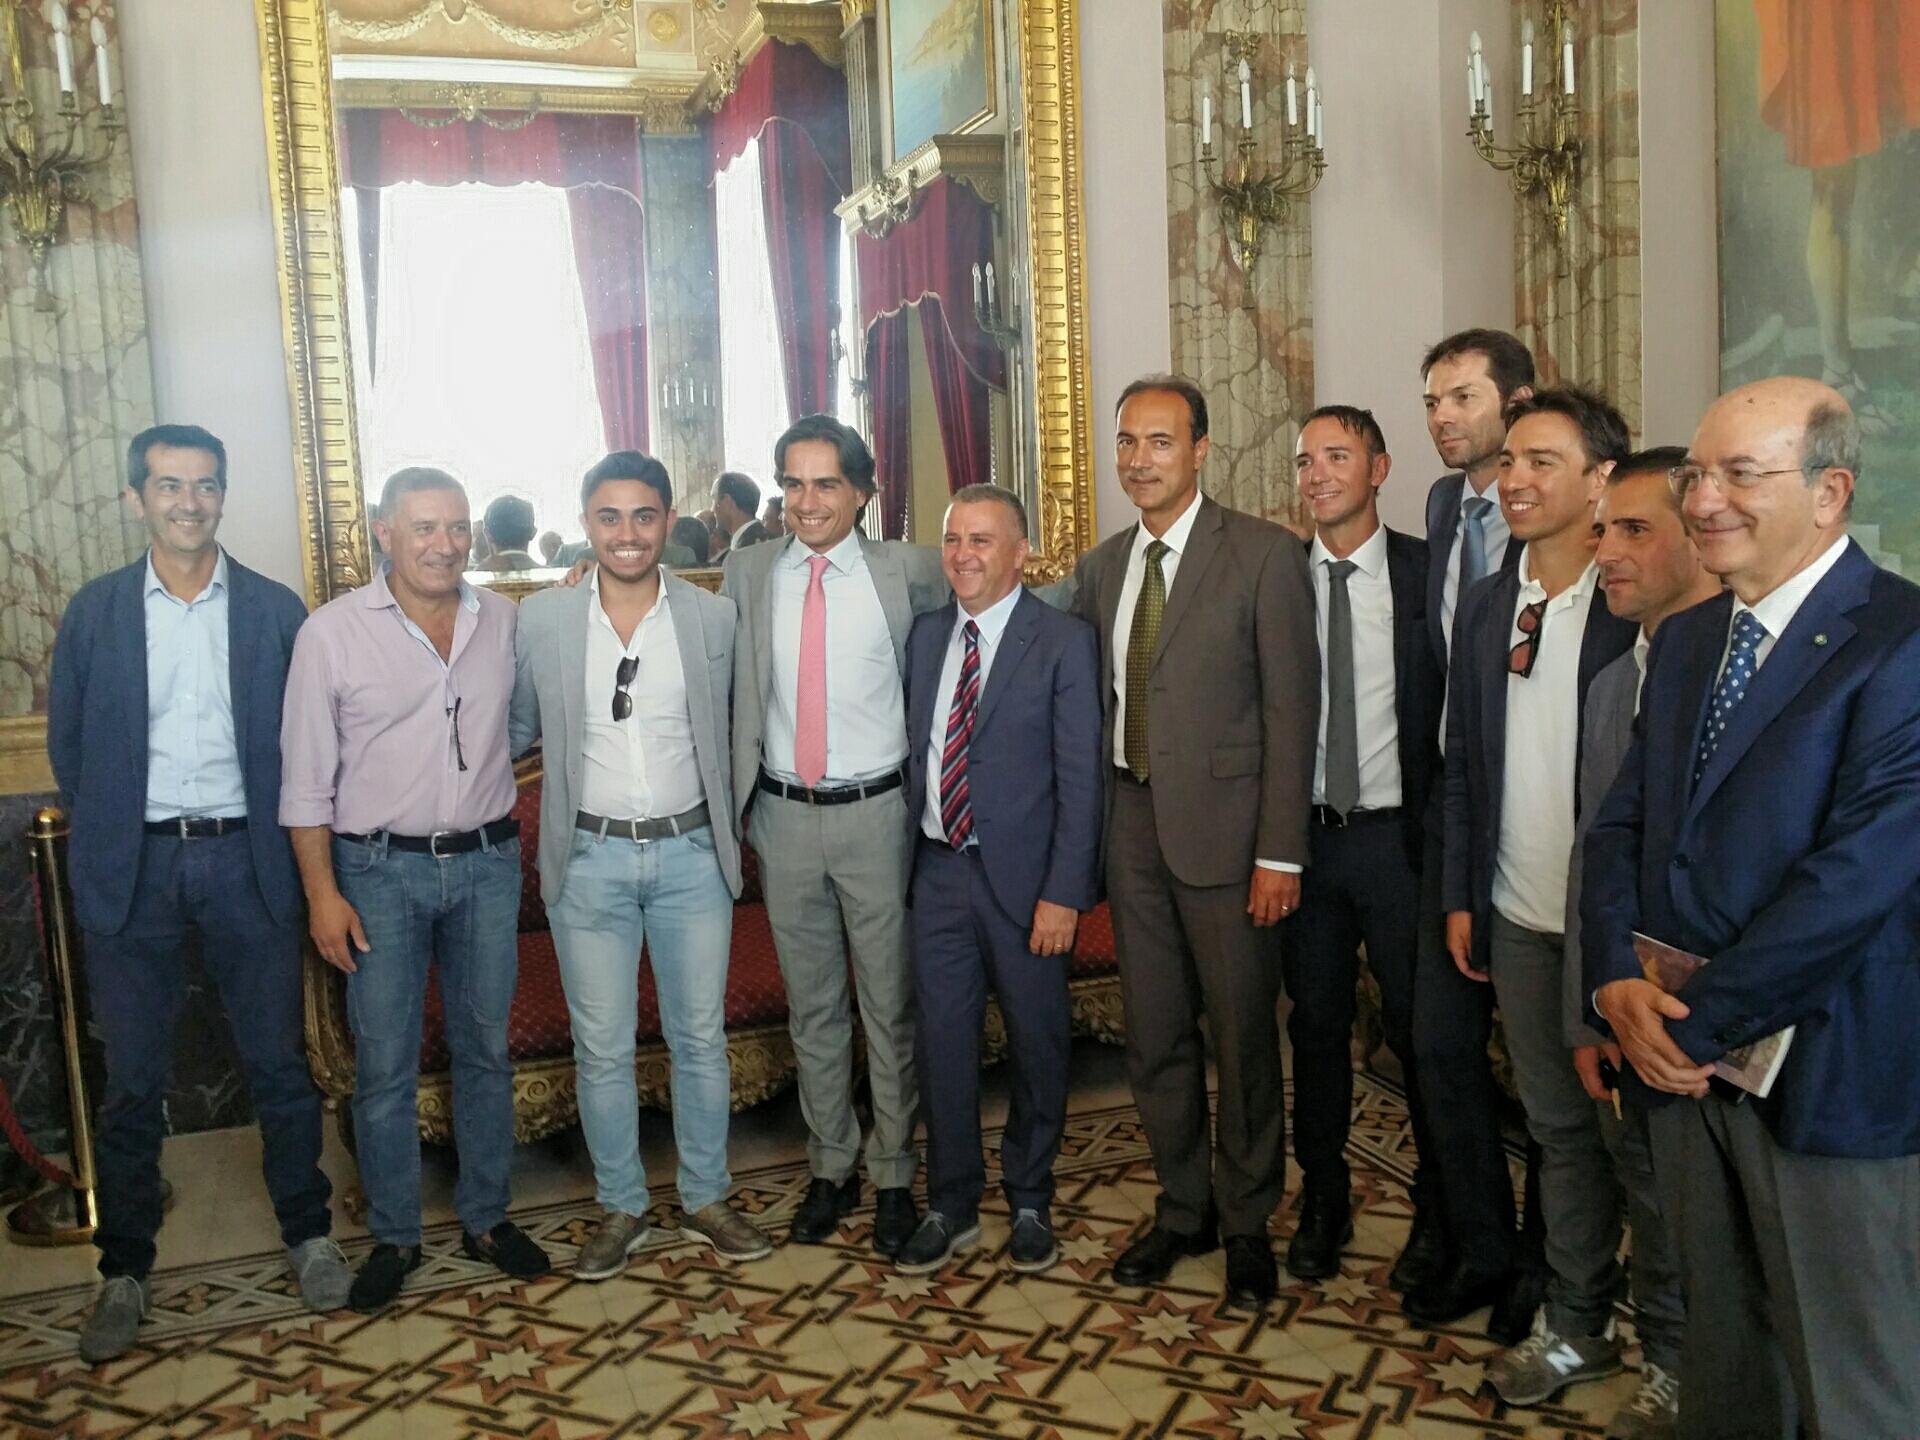 Consiglio metropolitano Reggio Calabria